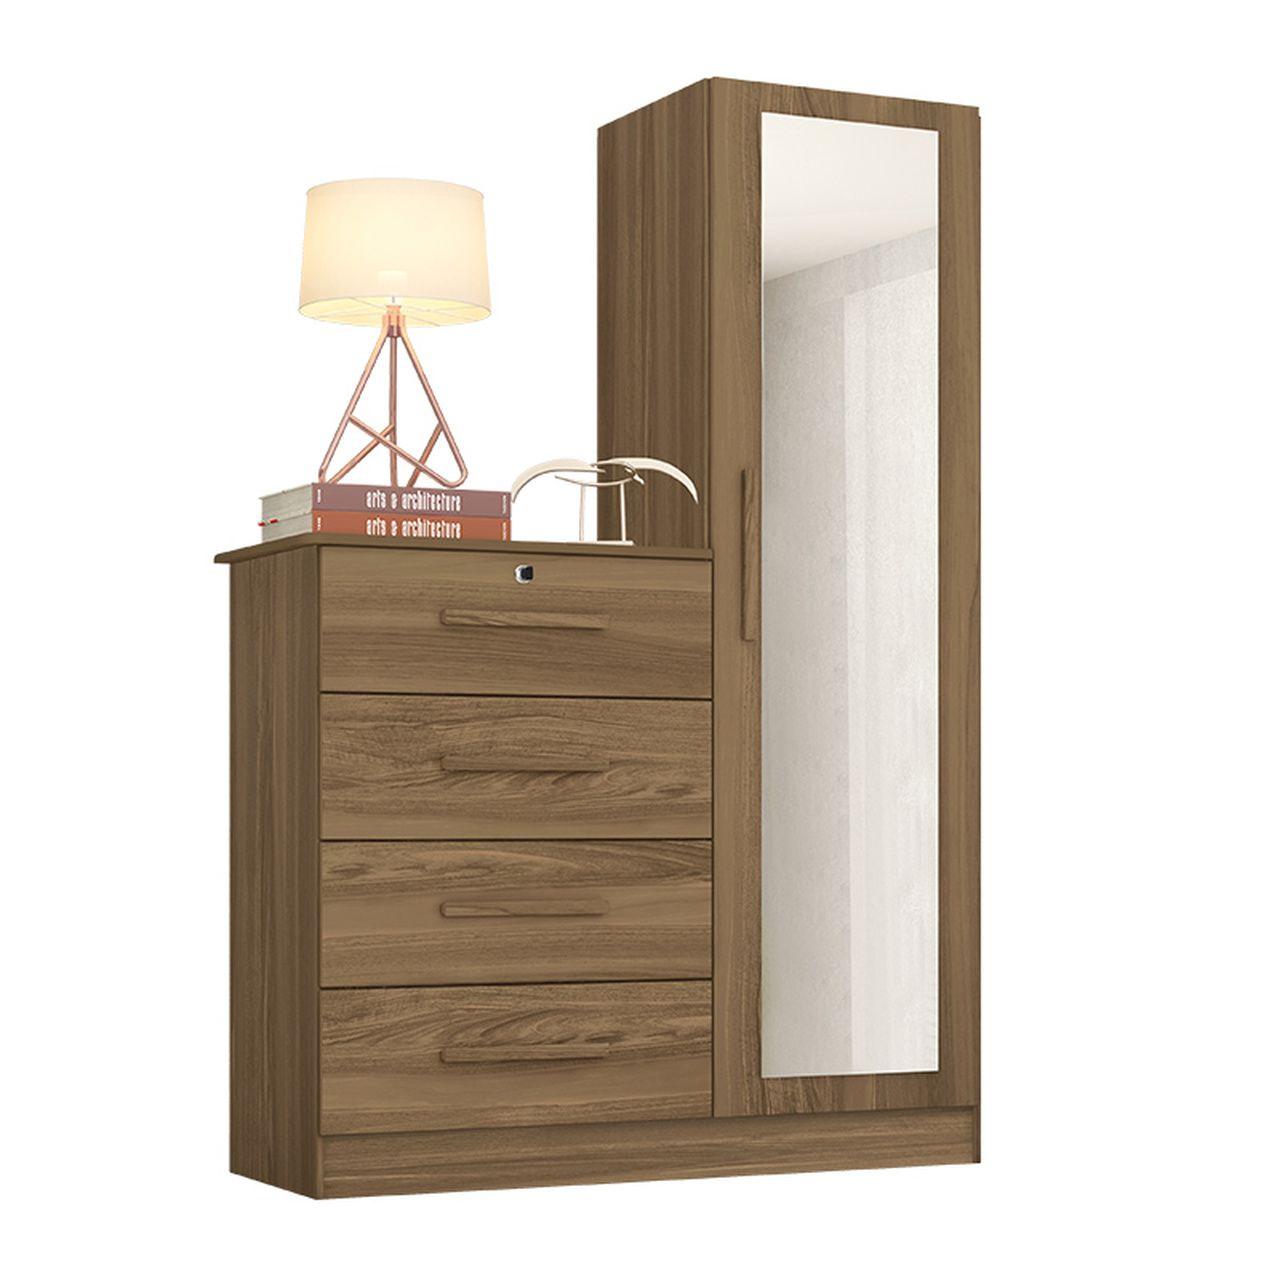 Cômoda Belize Plus com Espelho 4 Gavetas 1 Porta Canela - Albatroz